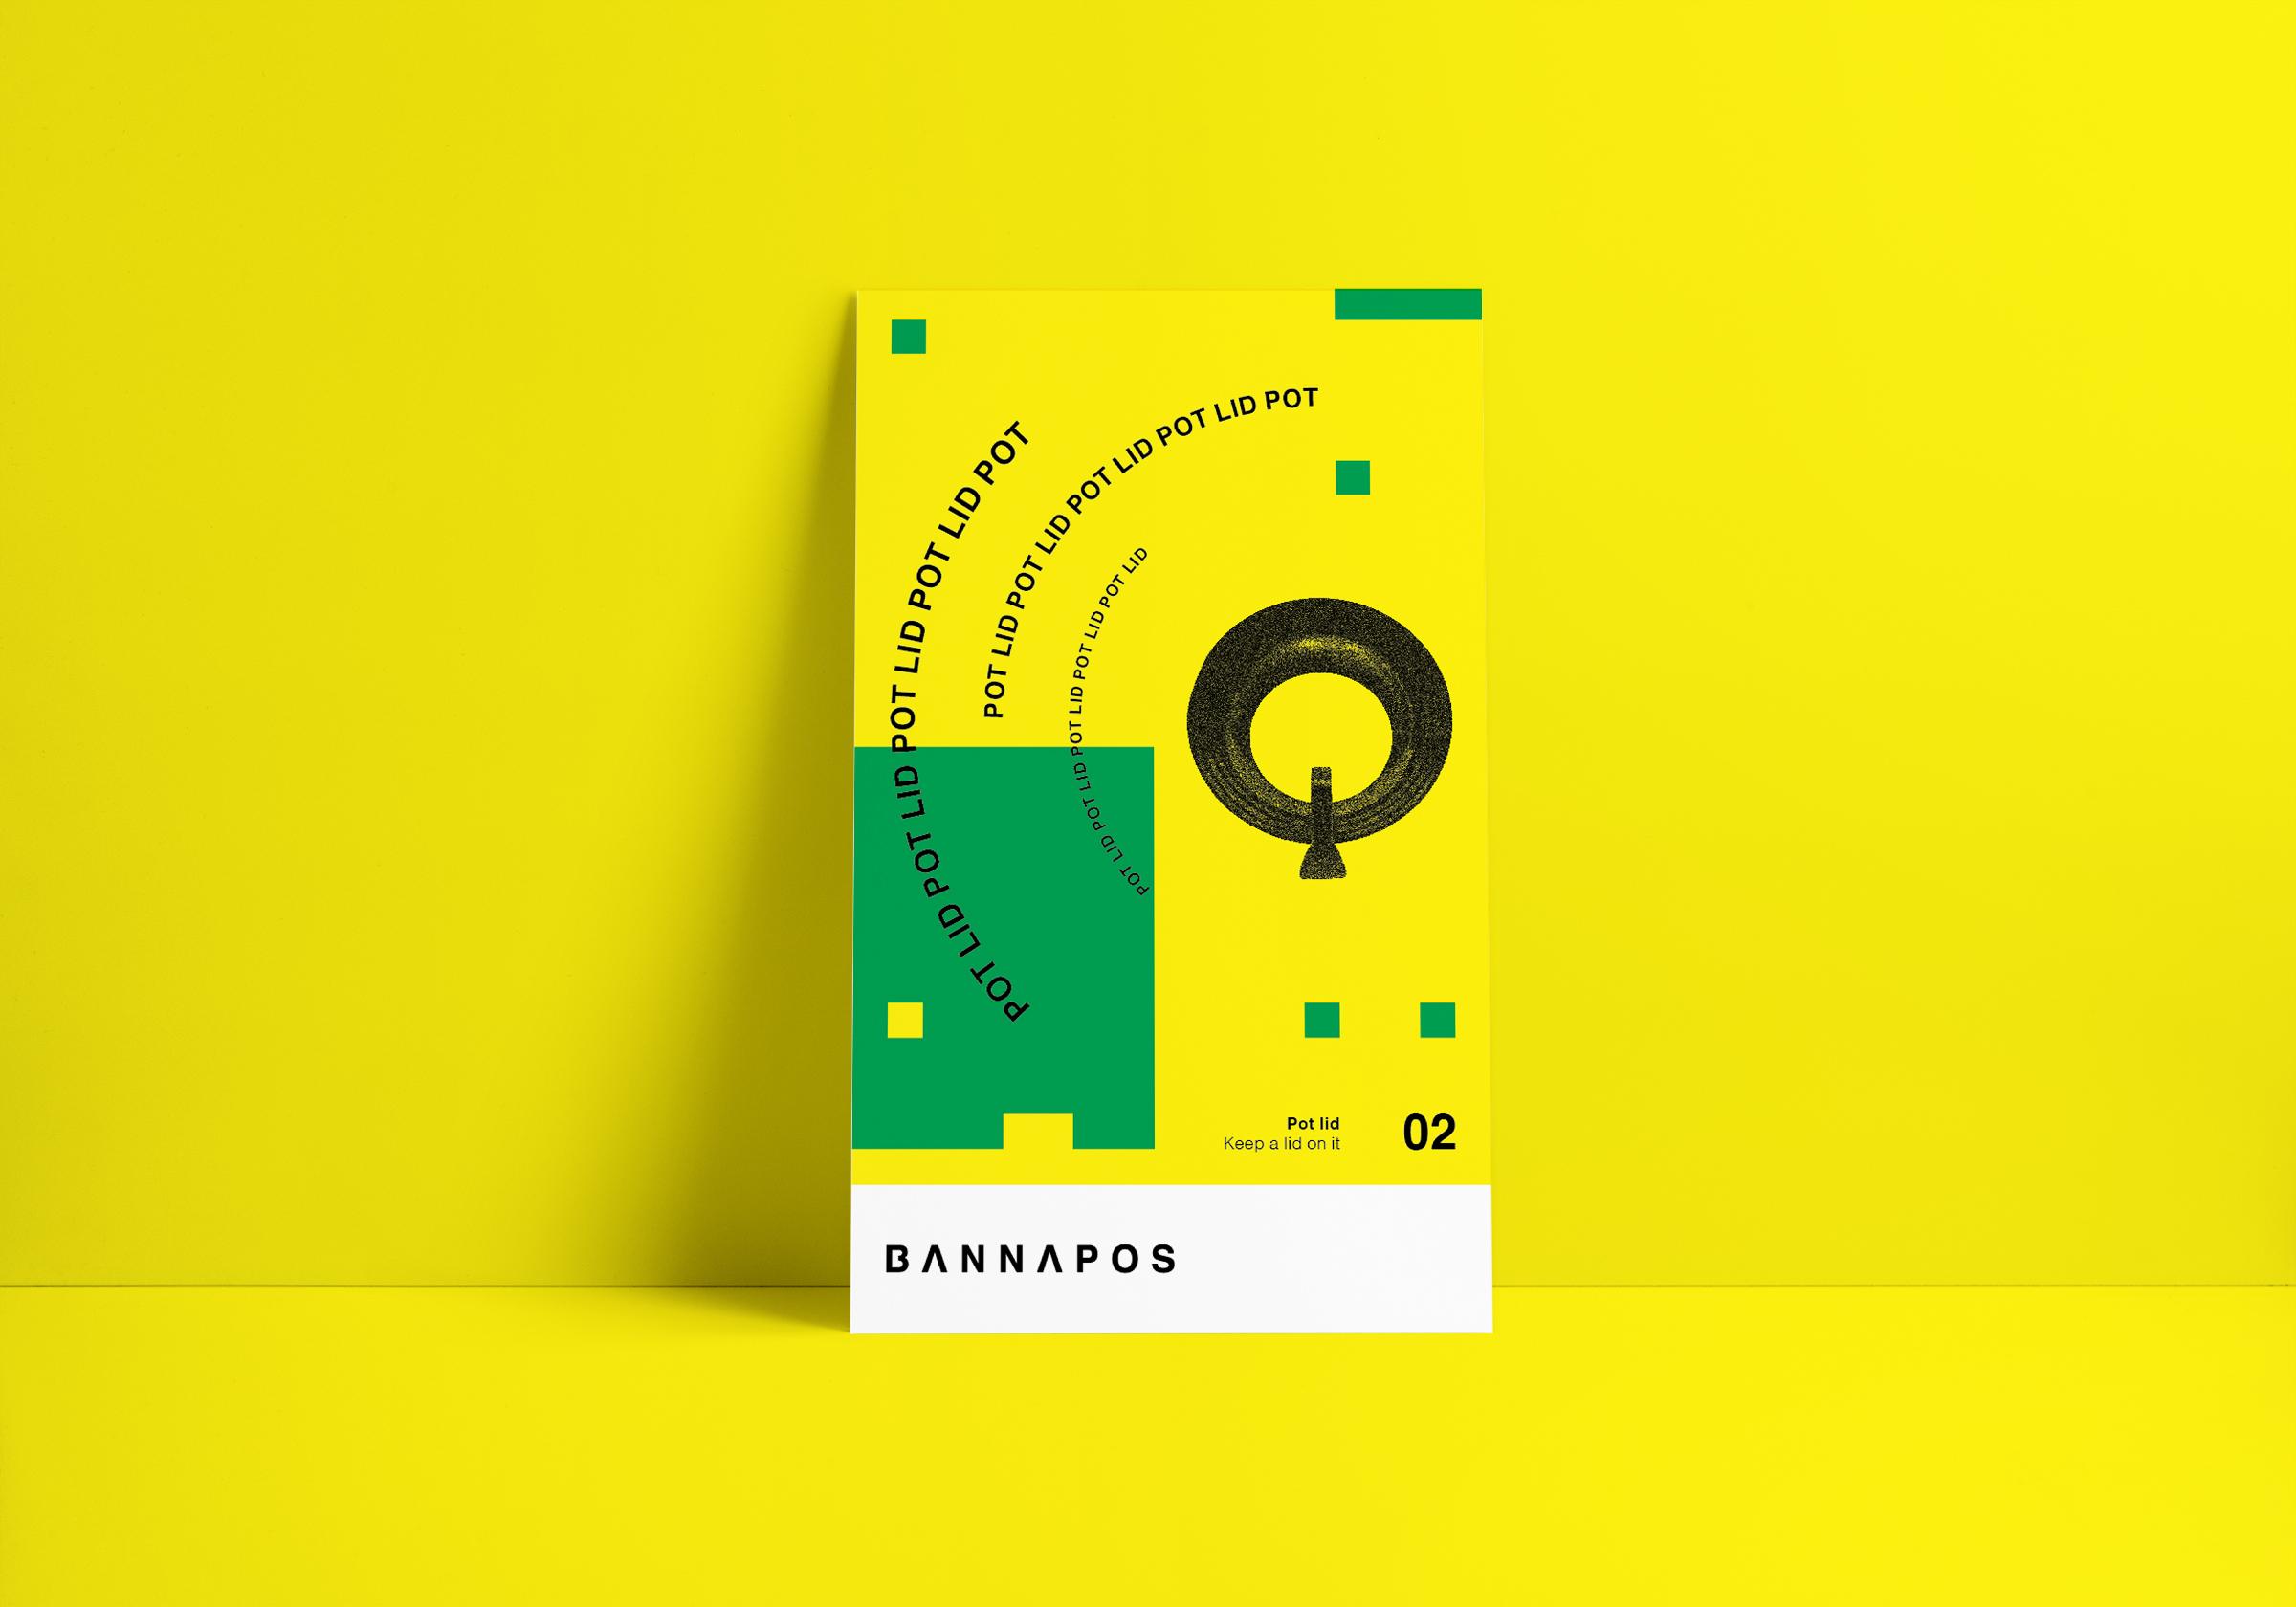 BANNAPOS02